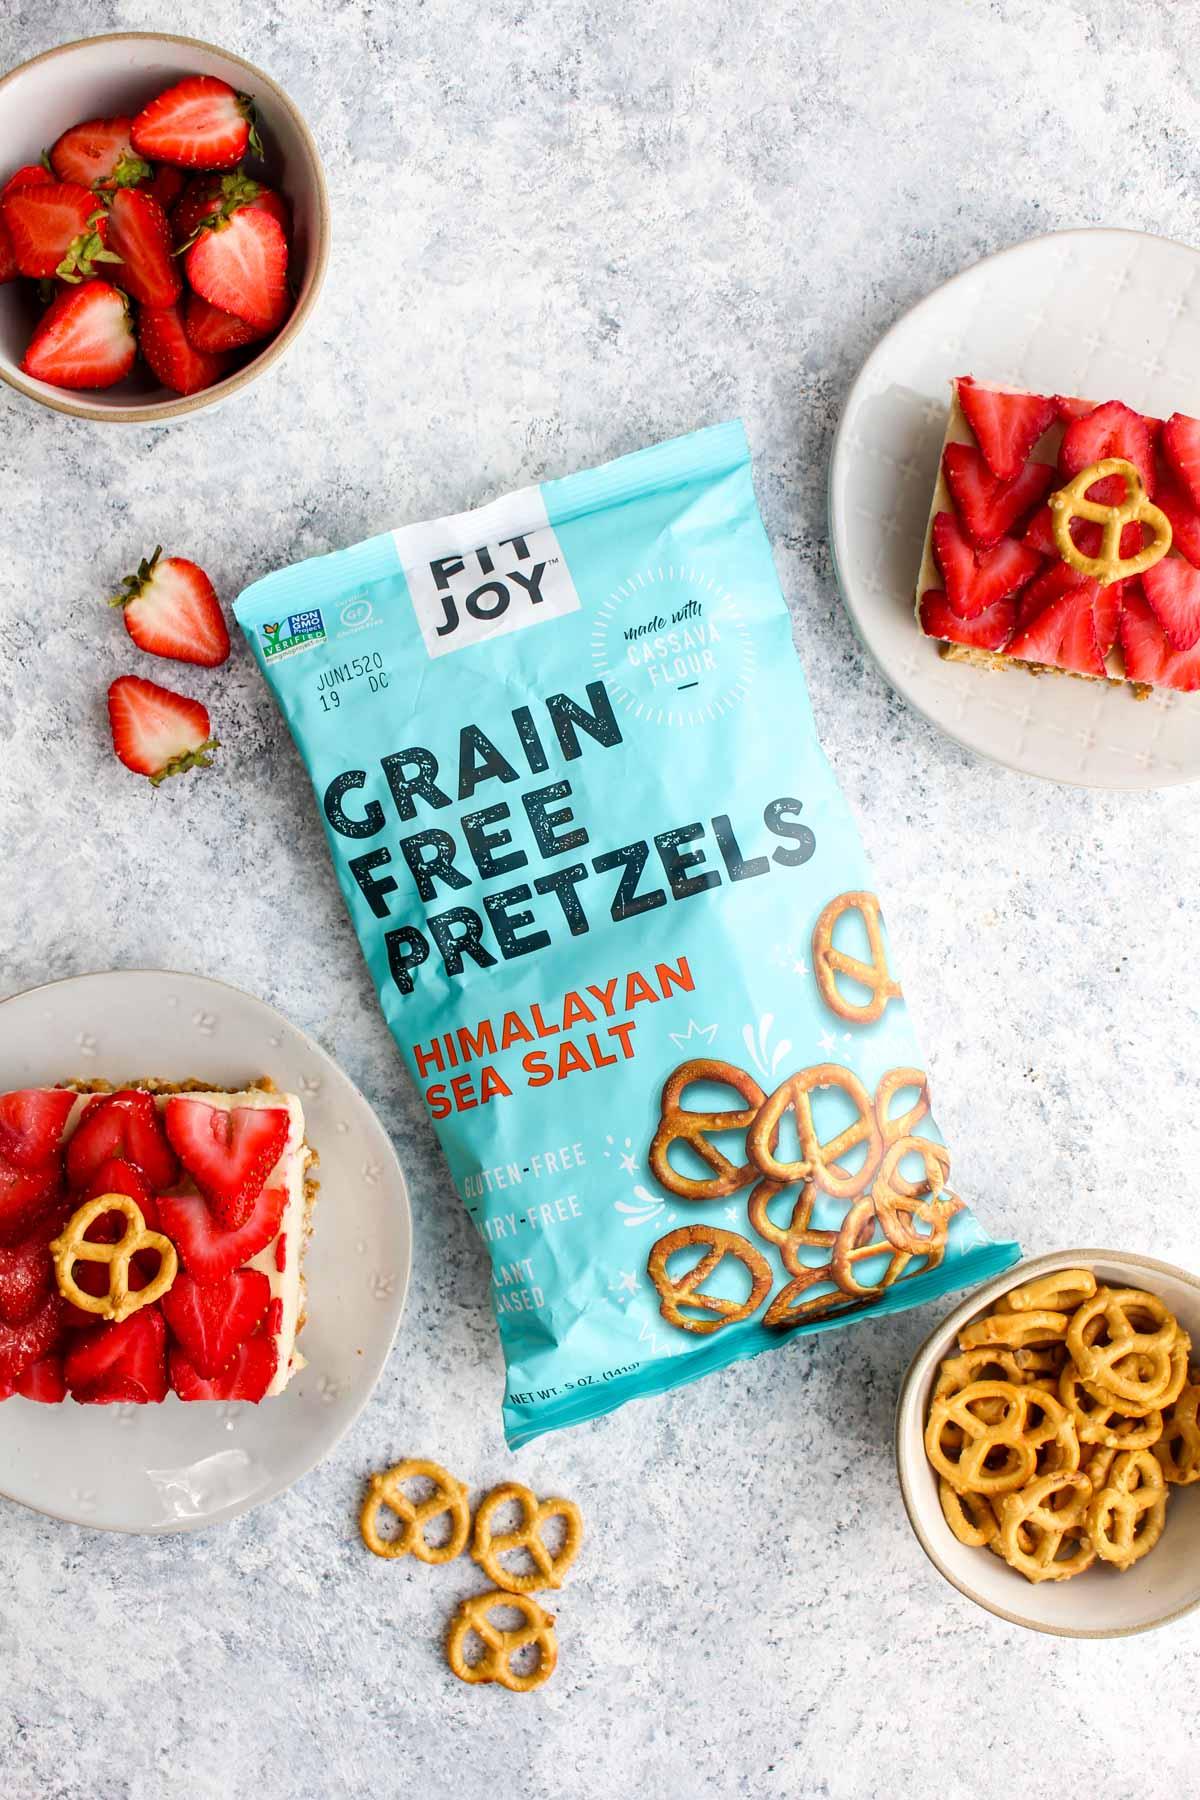 A bag of grain free pretzels and several slices of healthy pretzel salad.